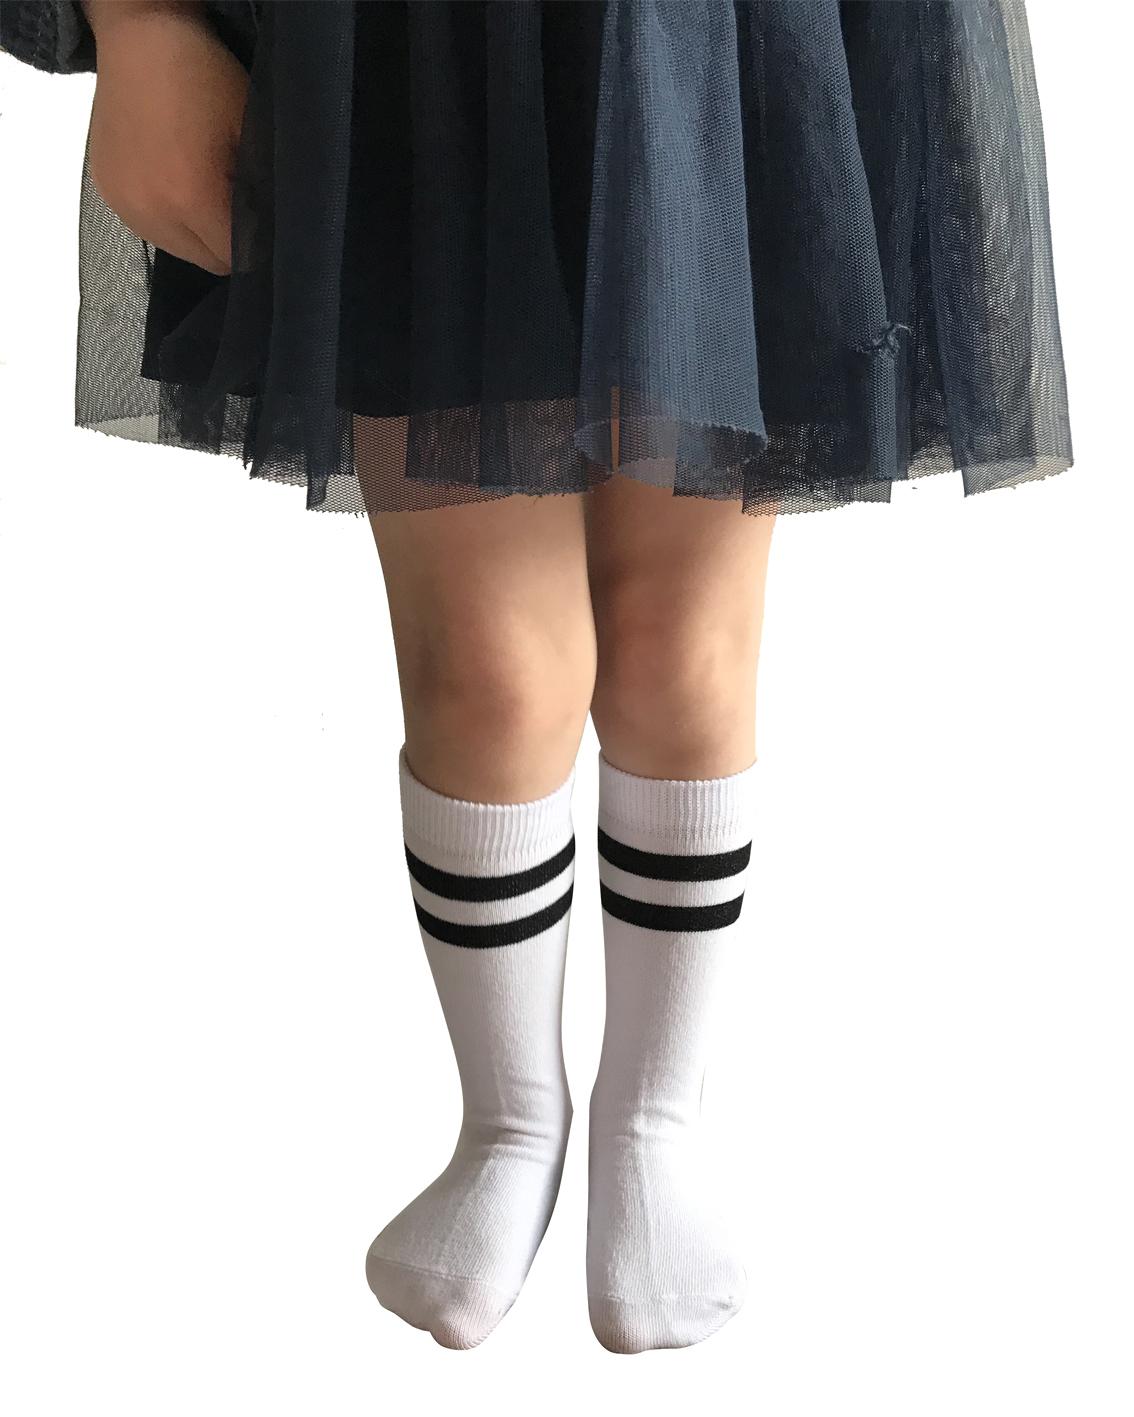 podkolanówki bawełniane dziecięce marki Milusie. Ozdobione paskami u góry. Kolor biały.